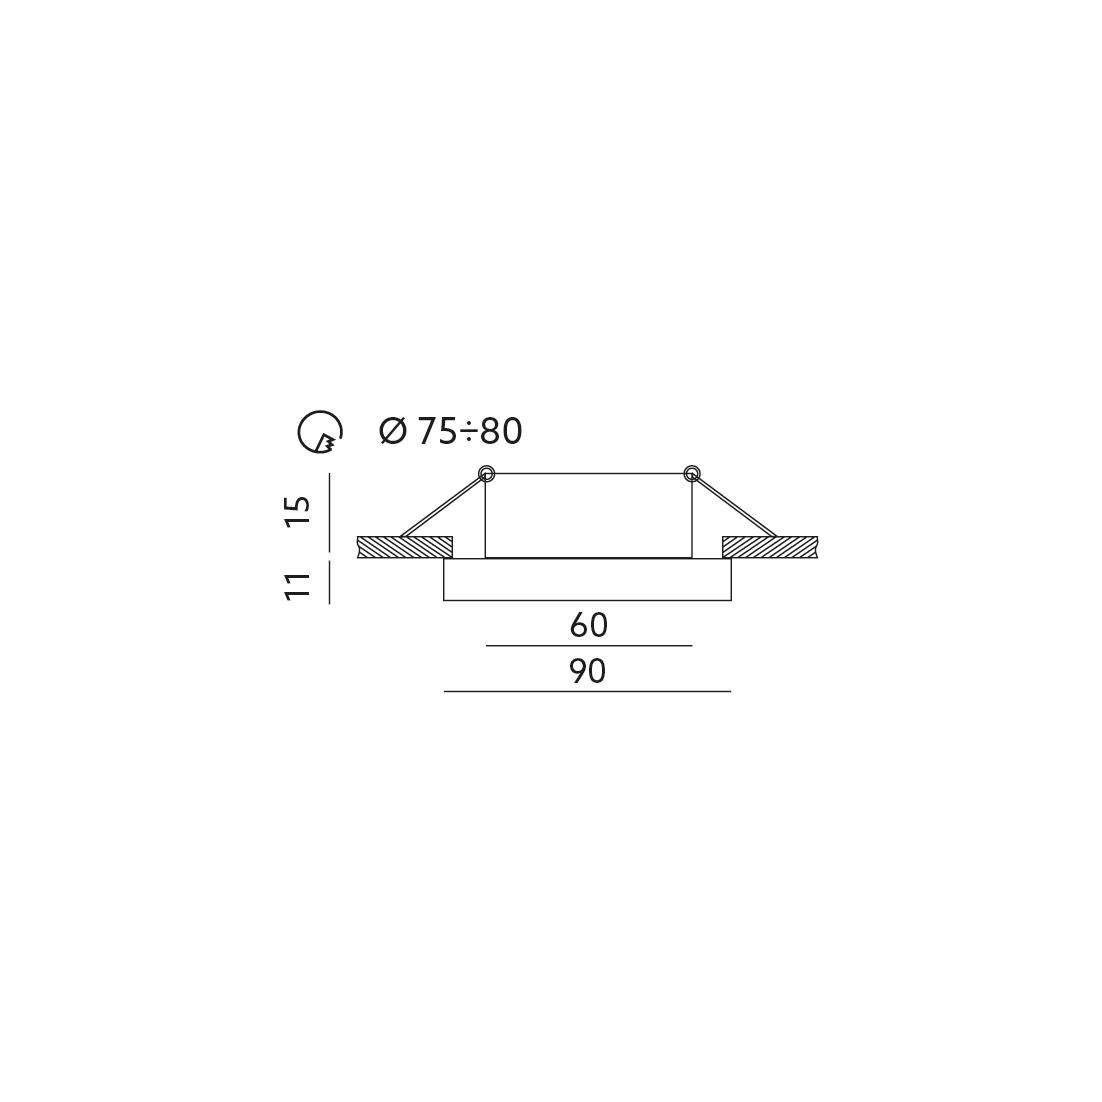 Pierścień ozdobny do opraw OH50 PRZEŹROCZYSTY - KPOH50CL